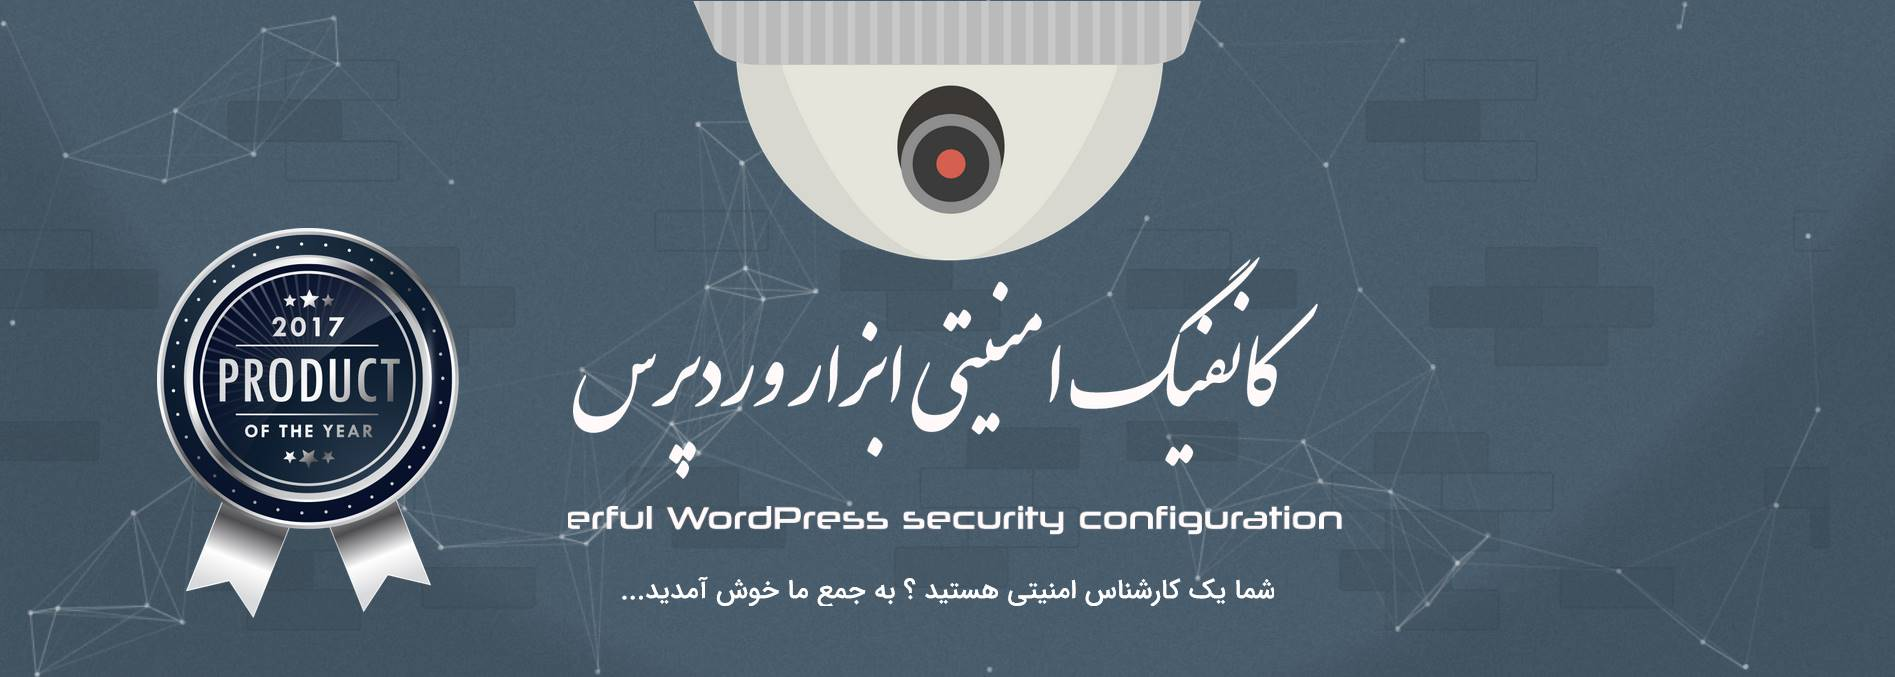 کانفیگ امنیتی وردپرس